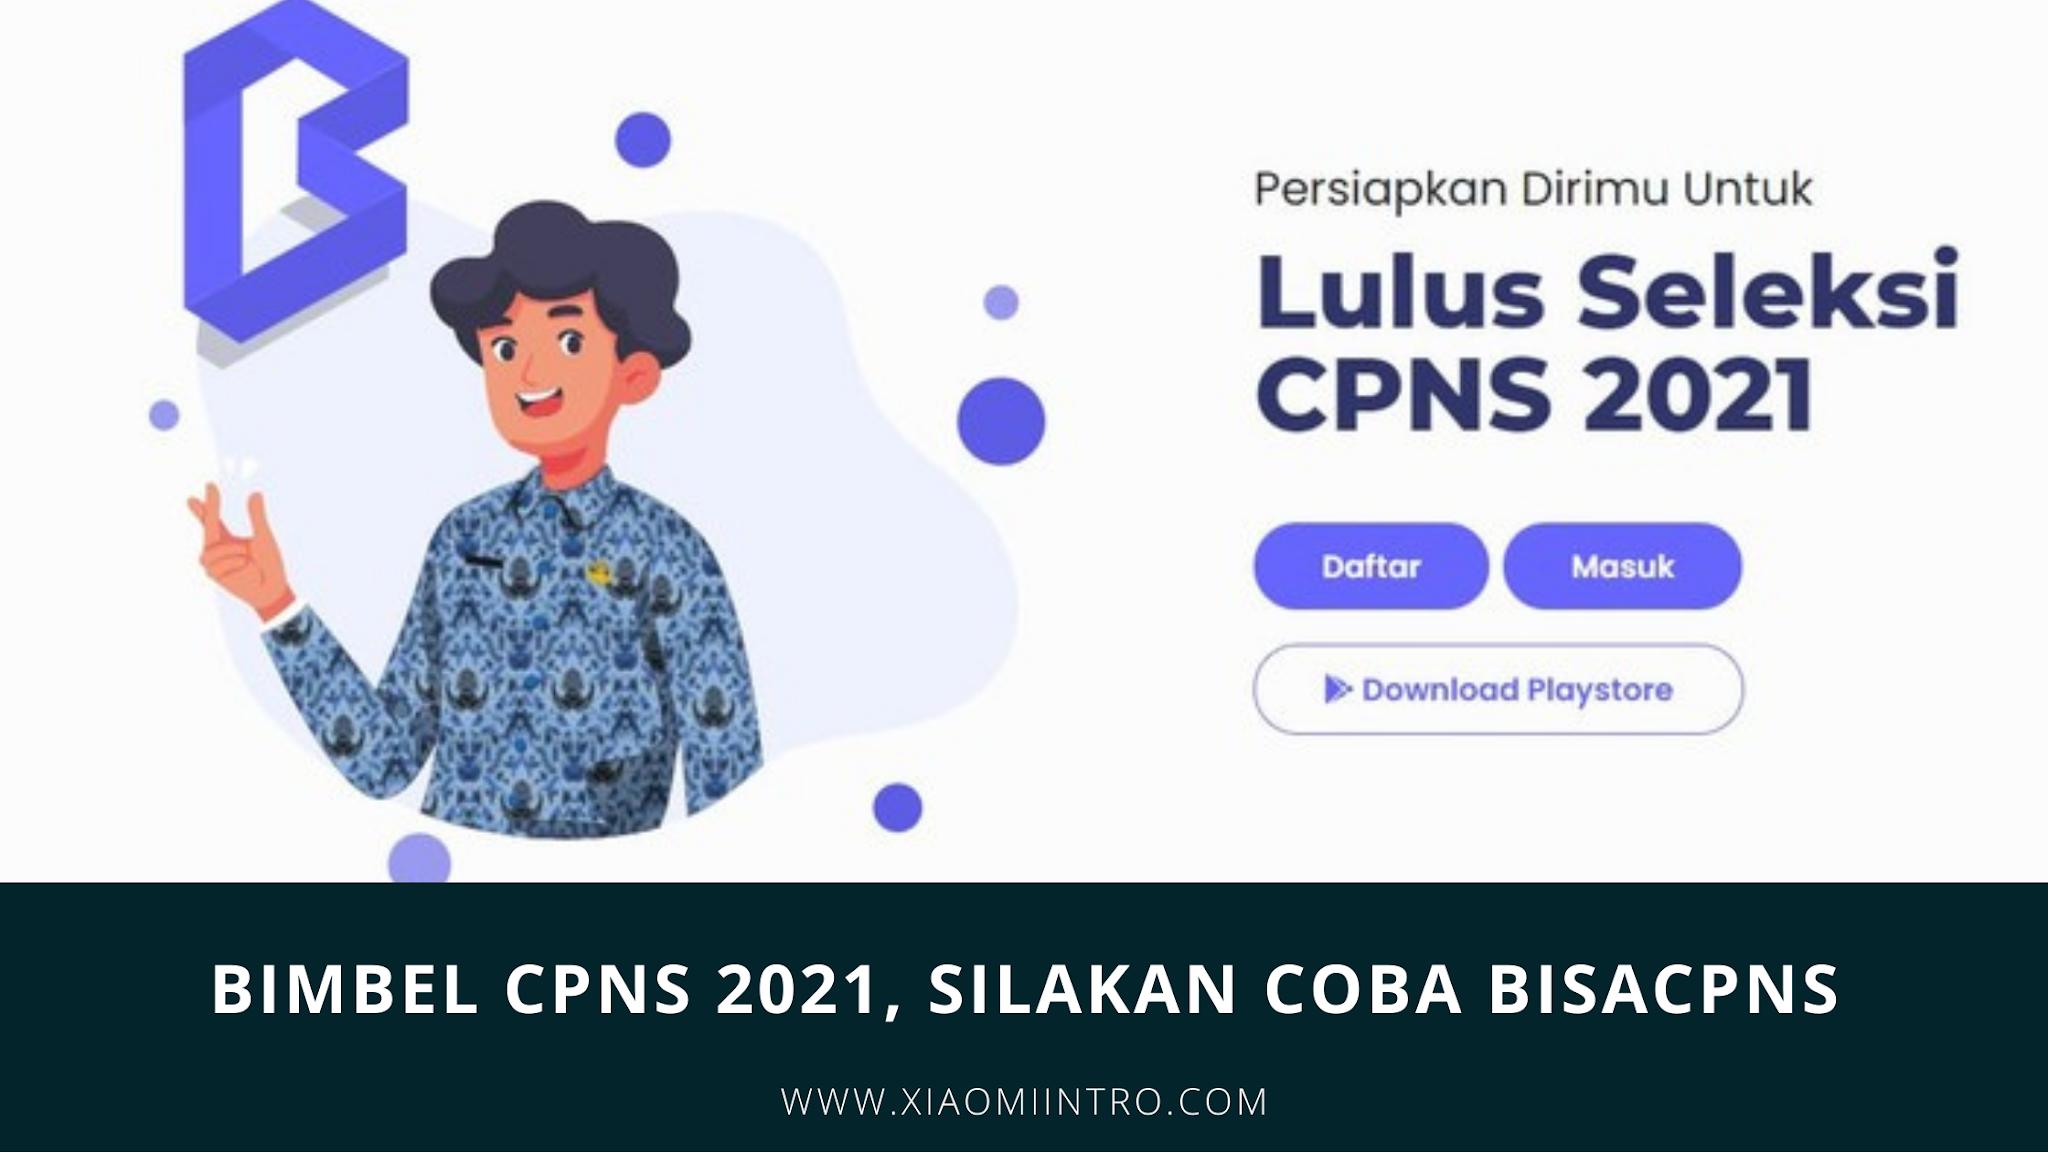 Bimbel CPNS 2021, Silakan Coba Bisacpns